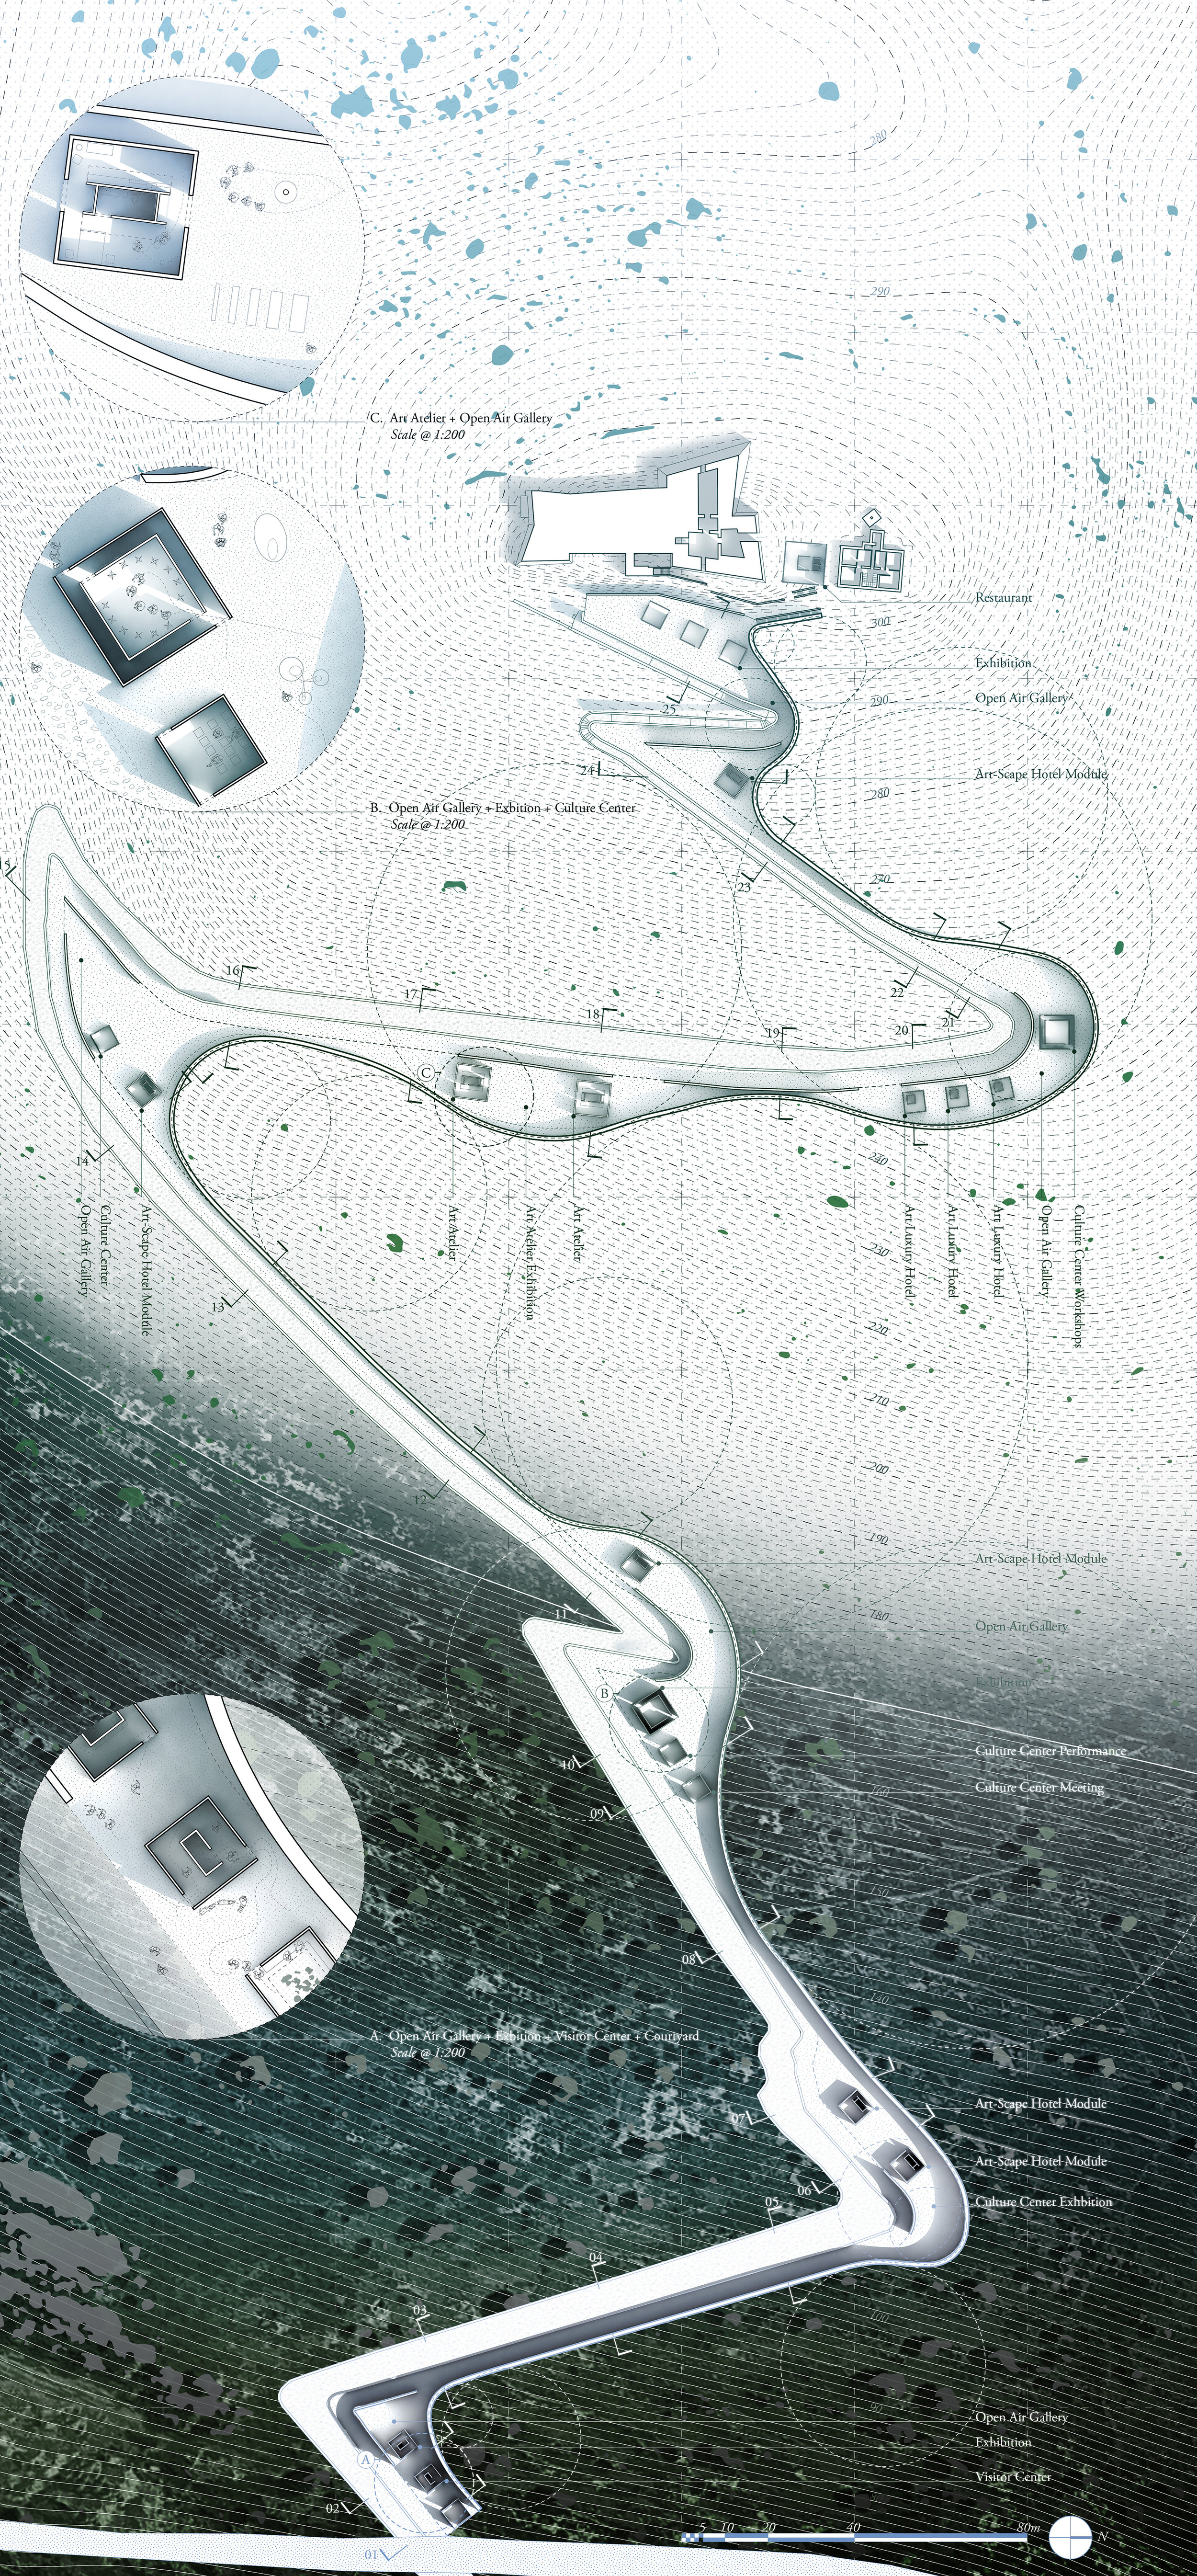 ascenddescend_site plan.jpg